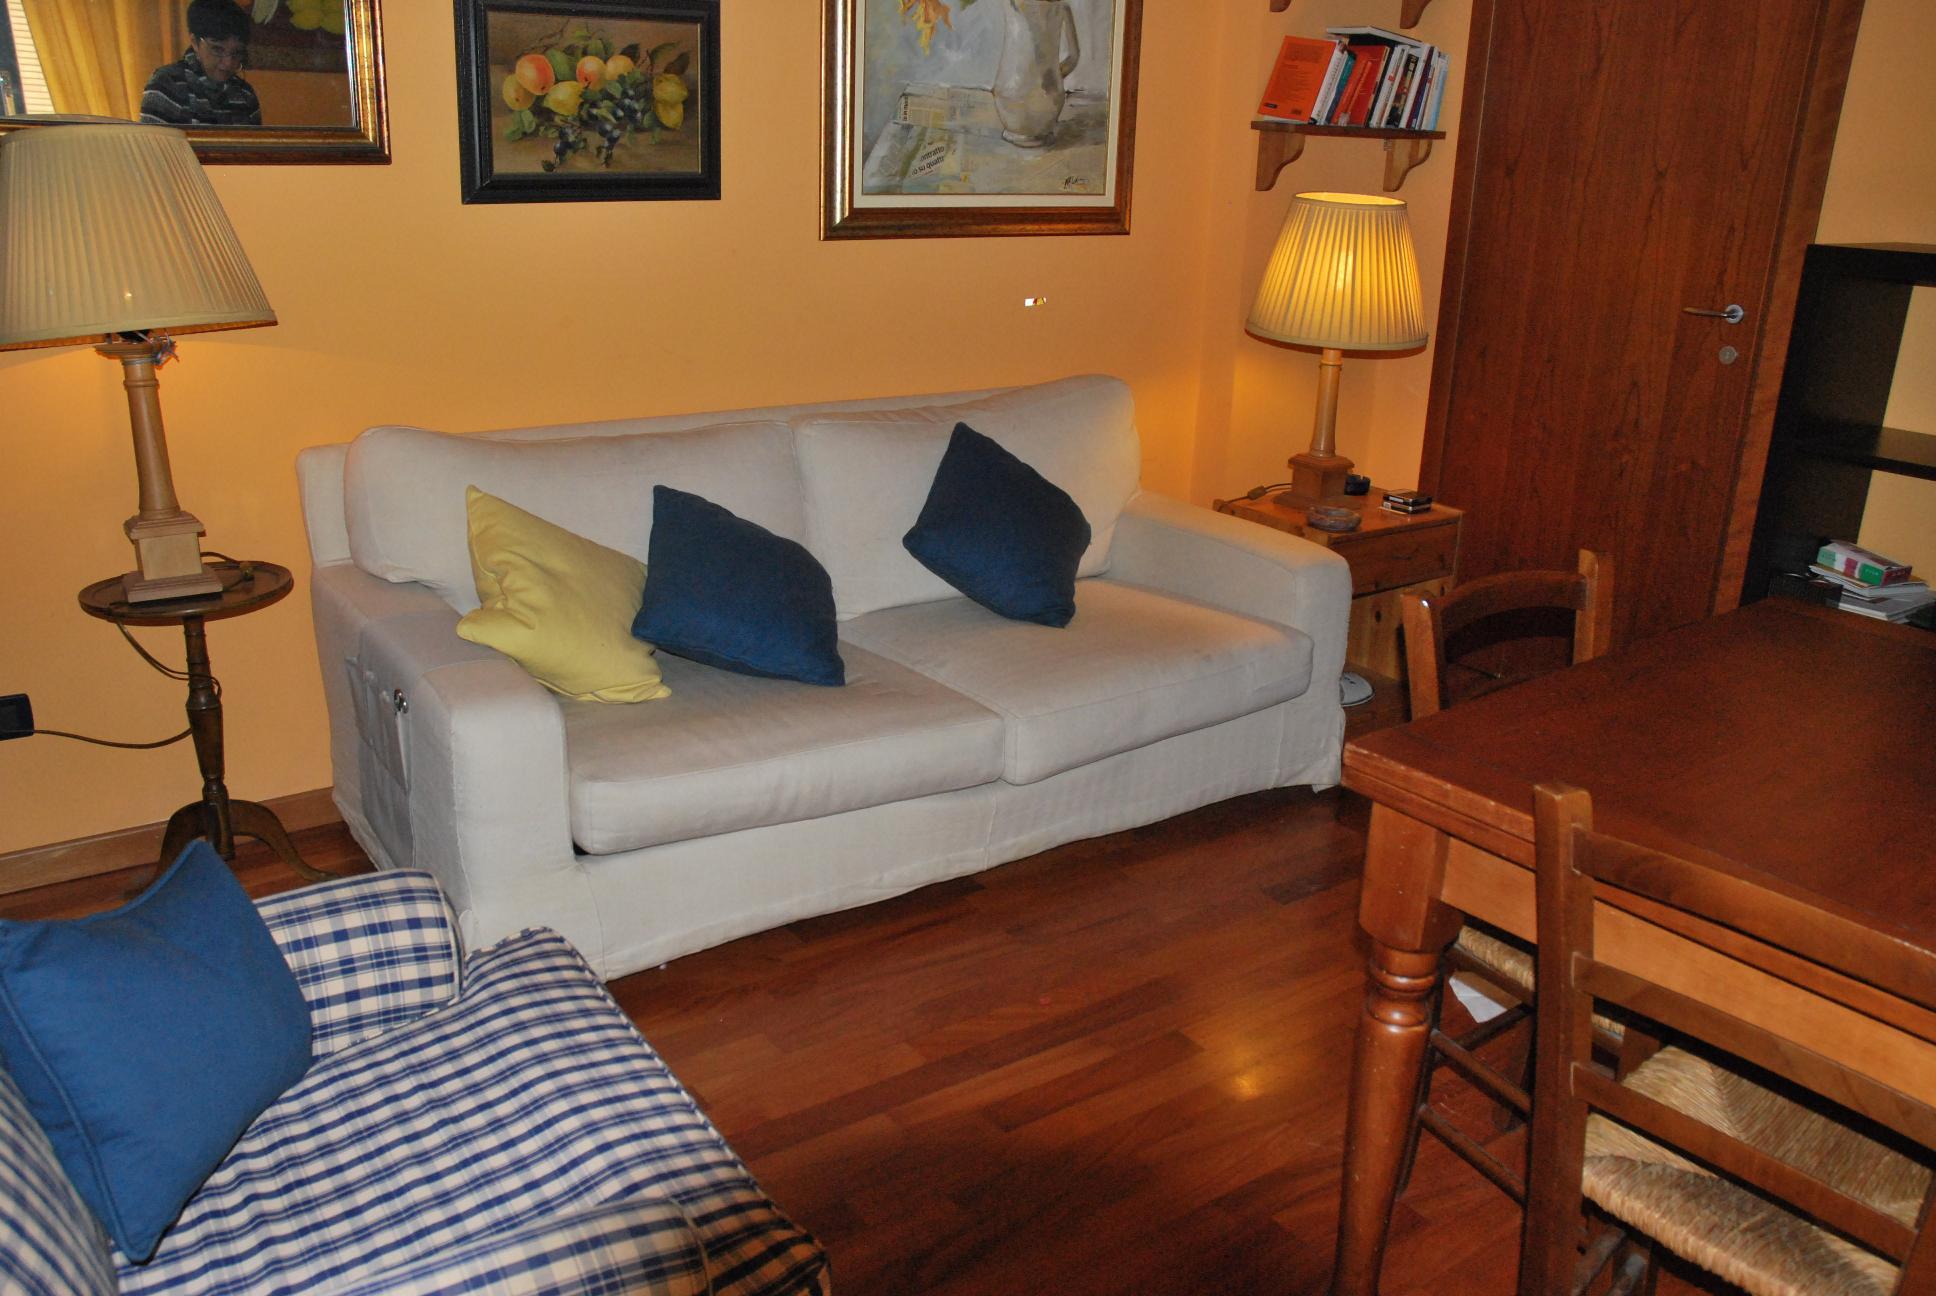 Appartamento in affitto a roma corso francia rif 912 for Appartamento affitto arredato roma